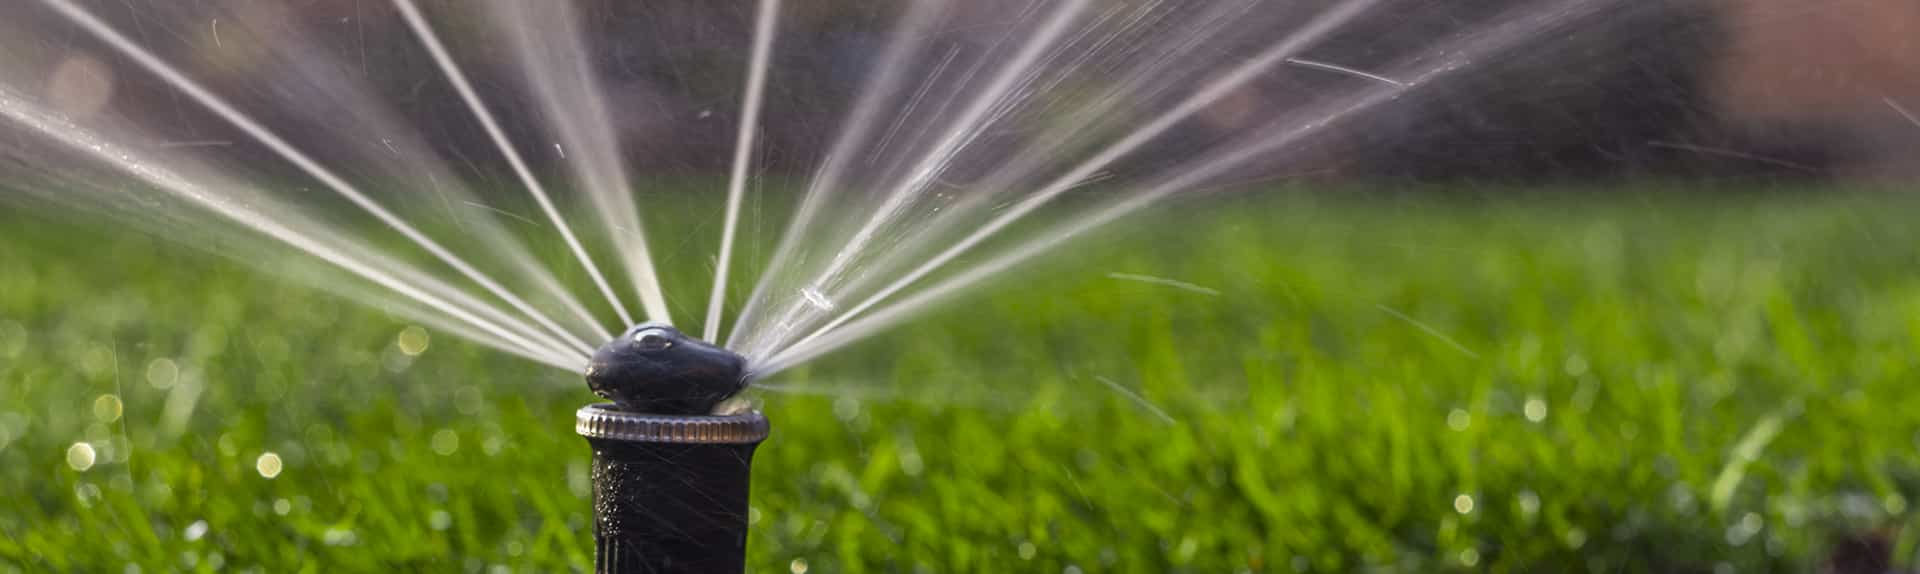 Irrigation System San Diego